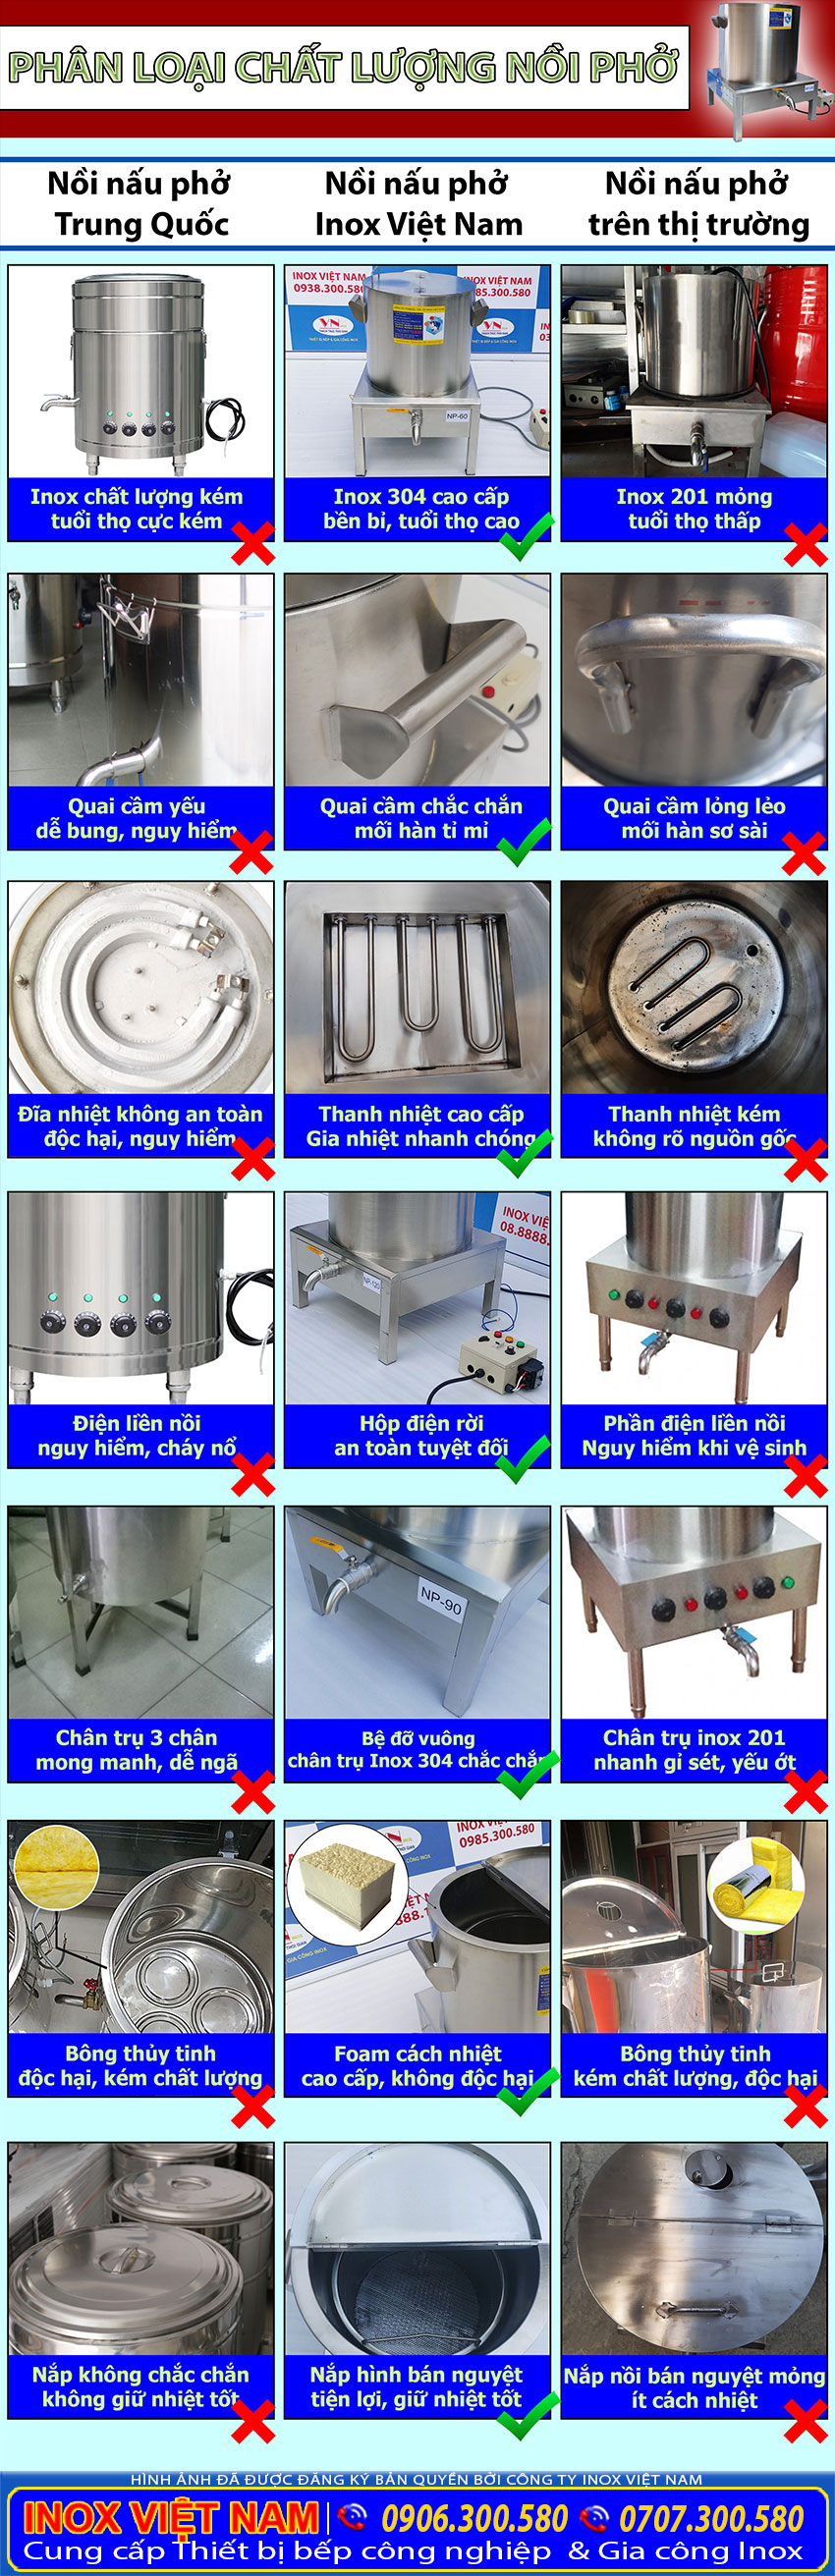 Cách phân biệt nồi nấu phở bằng điện của Inox Việt Nam với các loại nồi điện nấu phở Trung Quốc, nồi nấu phở giá rẻ trên thị trường.